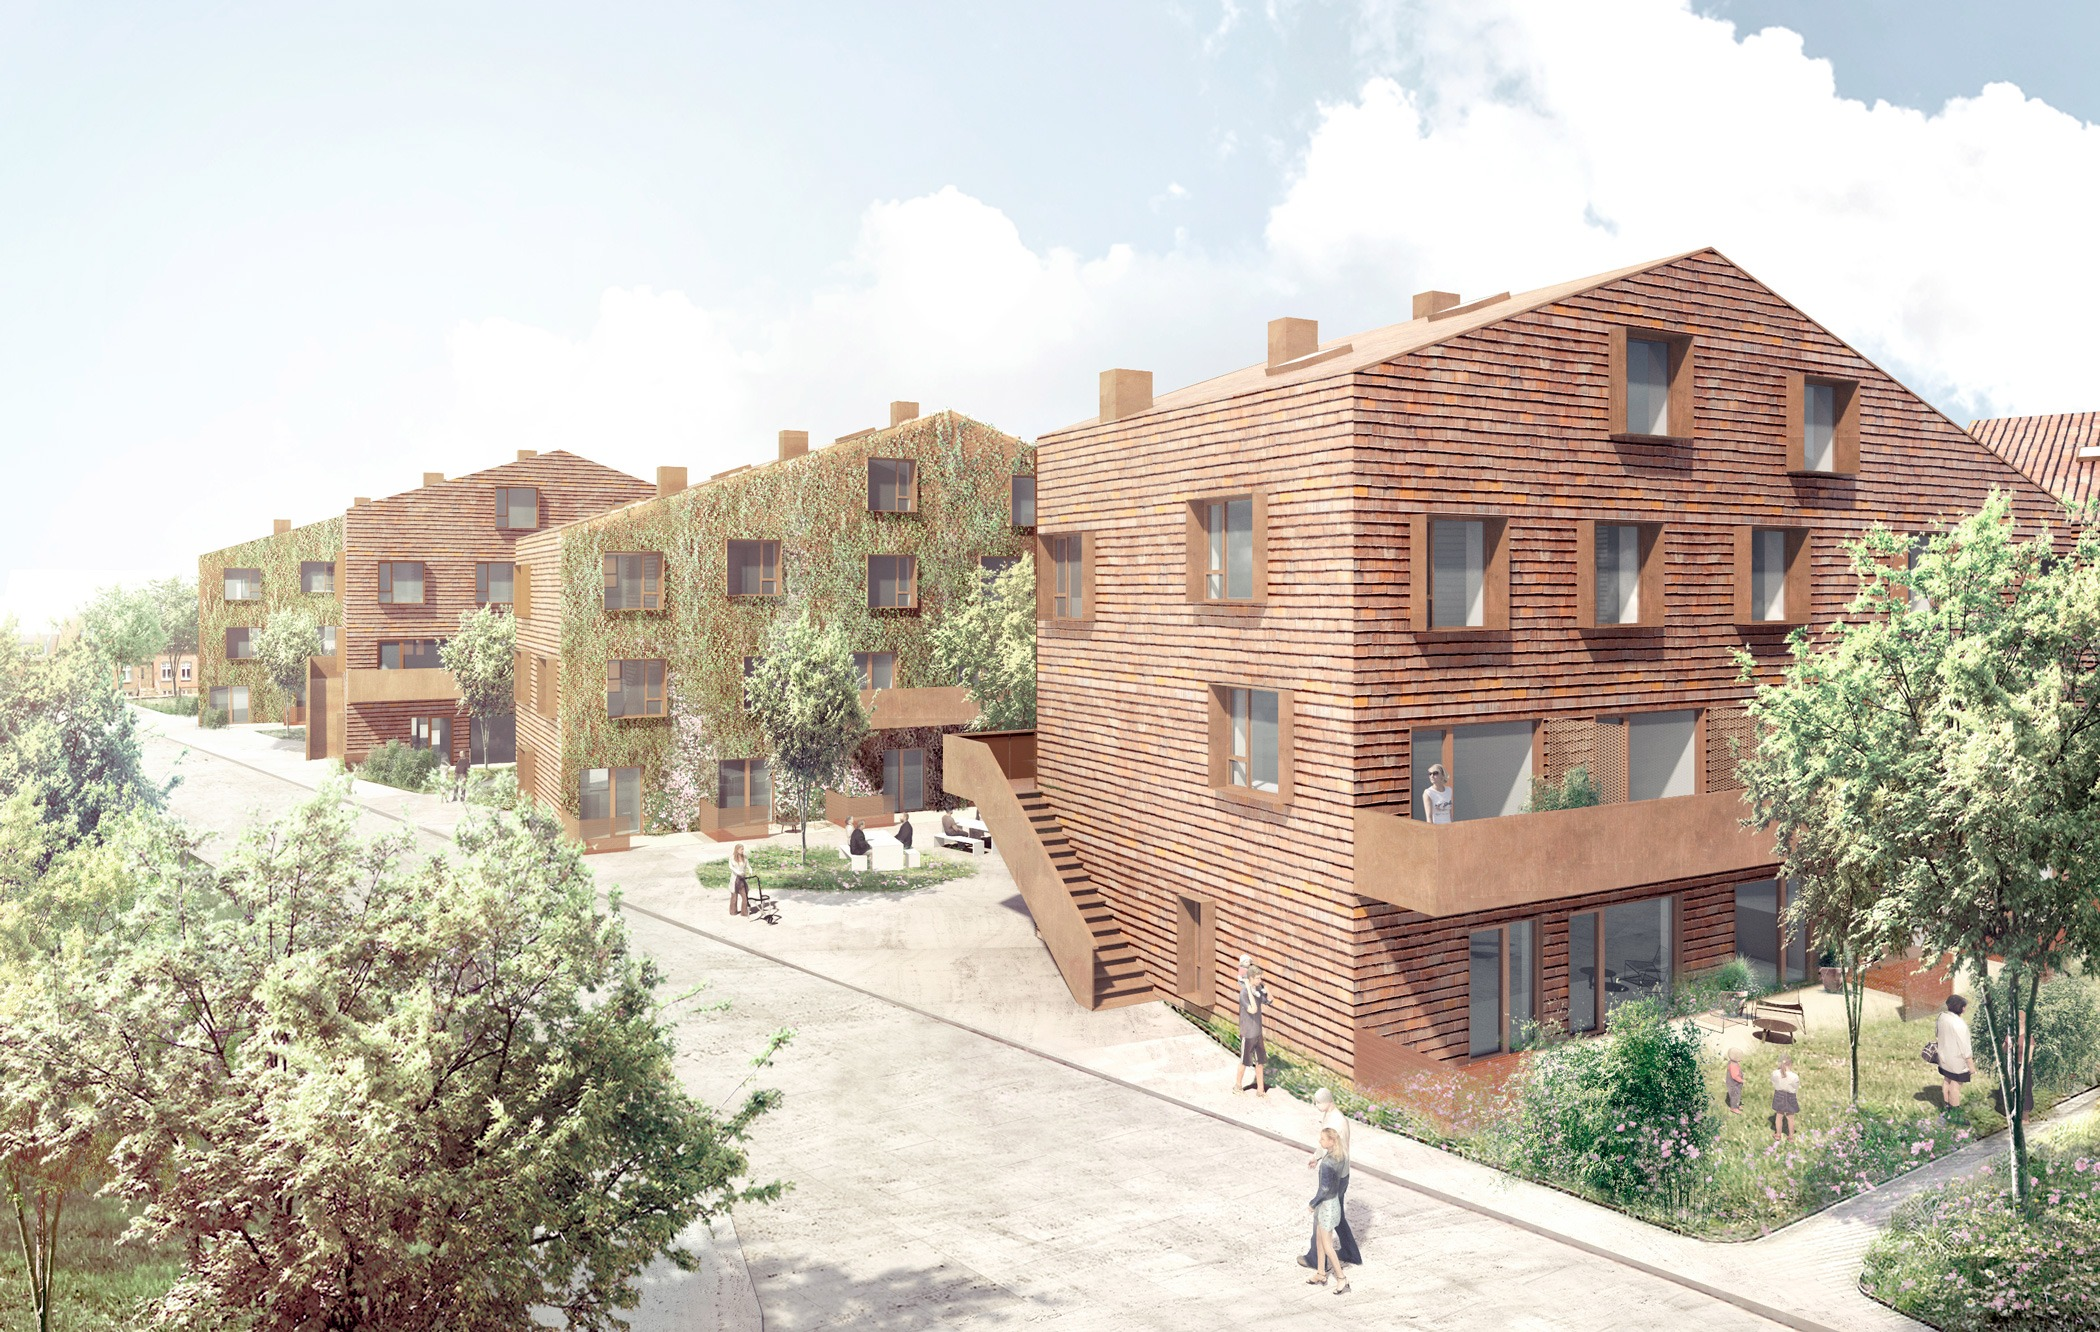 Hillerød-ONV-arkitekter-konkurrence-prefab-forside